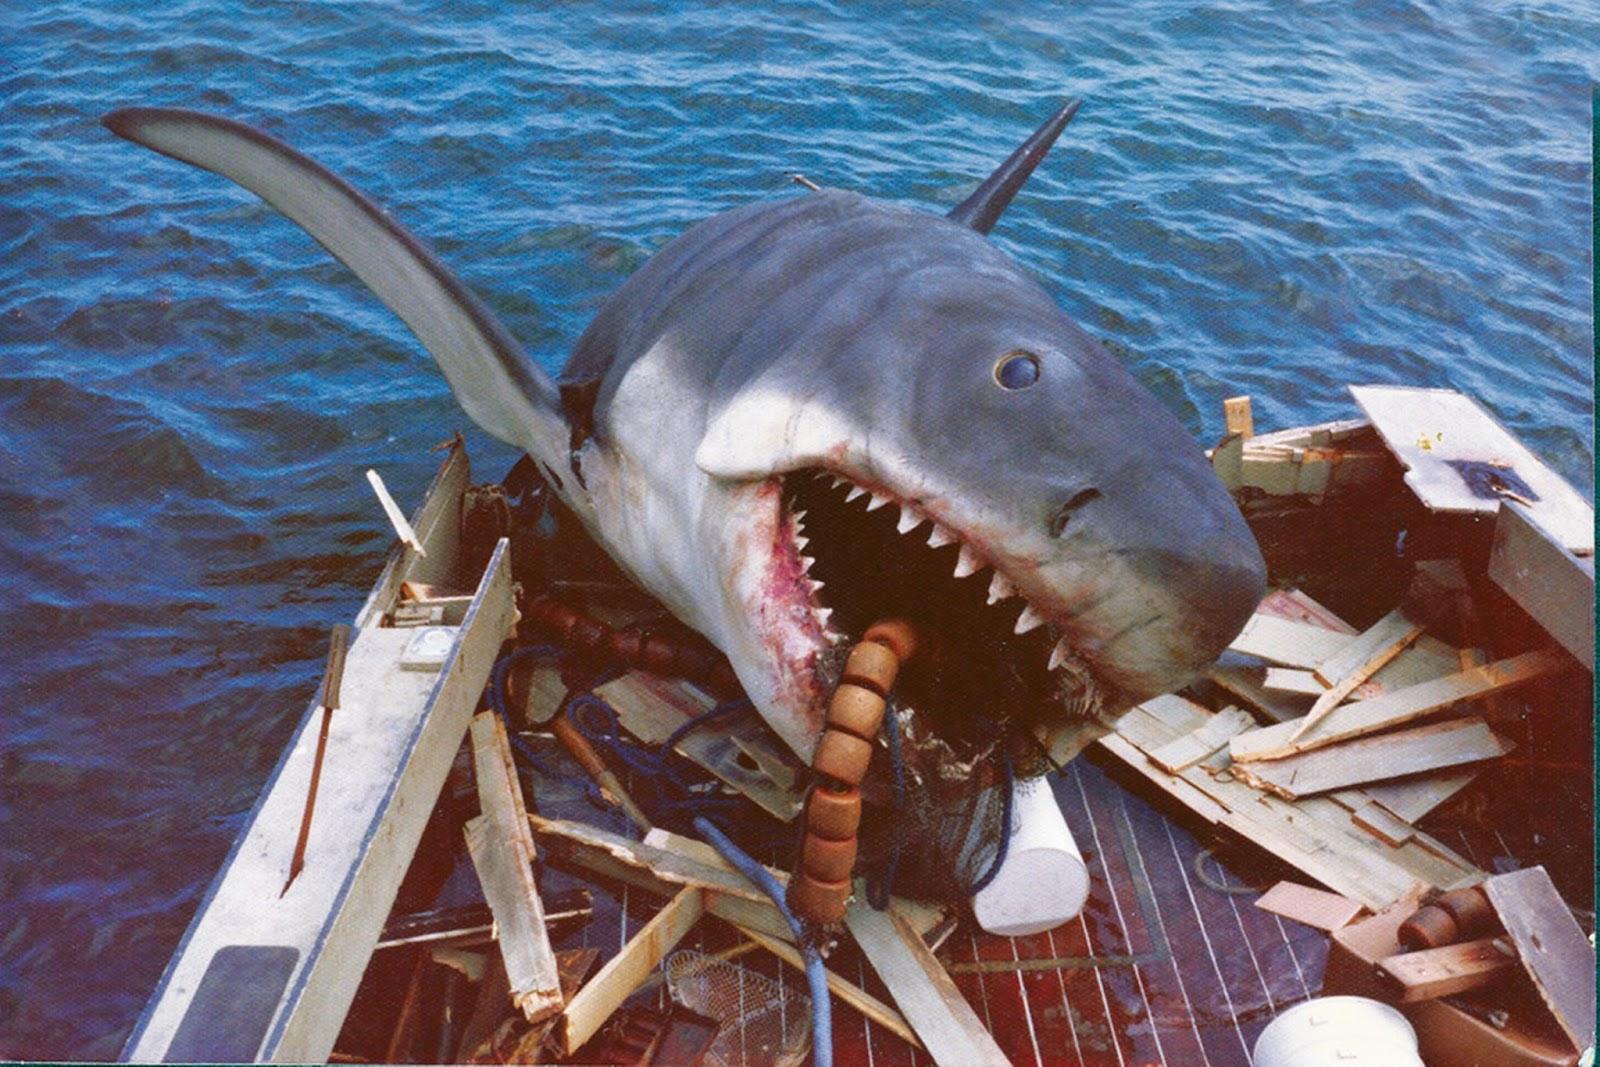 Sharknado 4_3